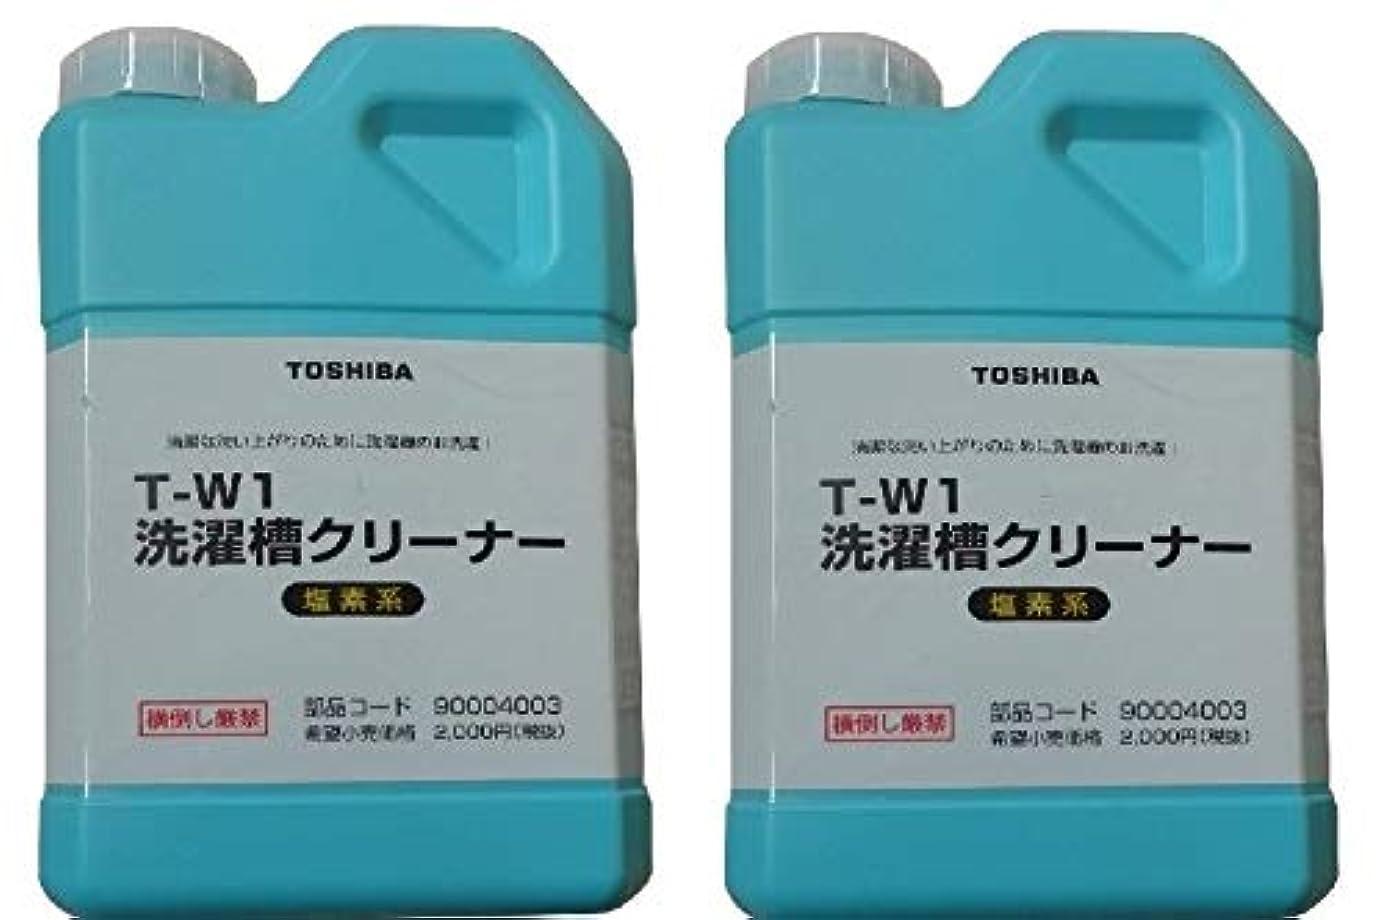 ベル出します取り壊す【2個セット】T-W1 90004003塩素系 東芝 洗濯槽クリーナー